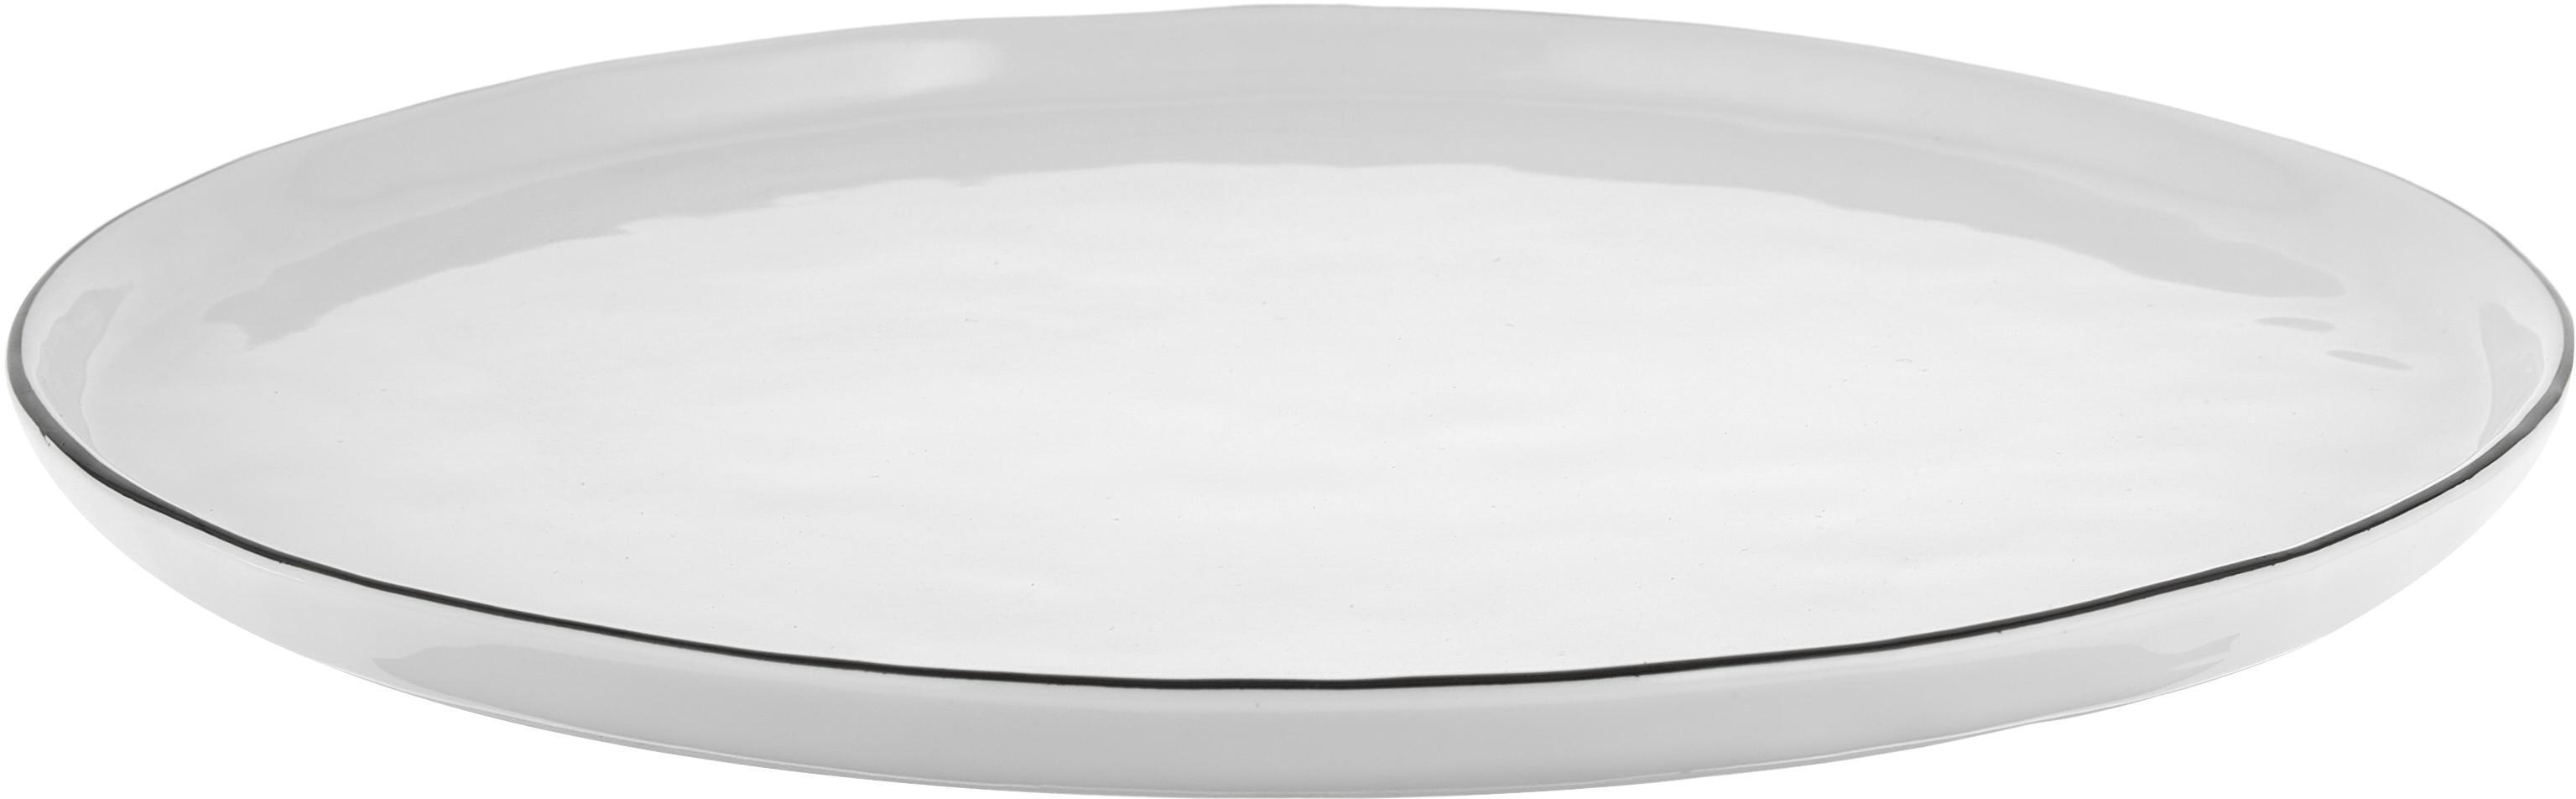 Handgemaakte dinerborden Salt, 4 stuks, Porselein, Gebroken wit, zwart, Ø 28 cm